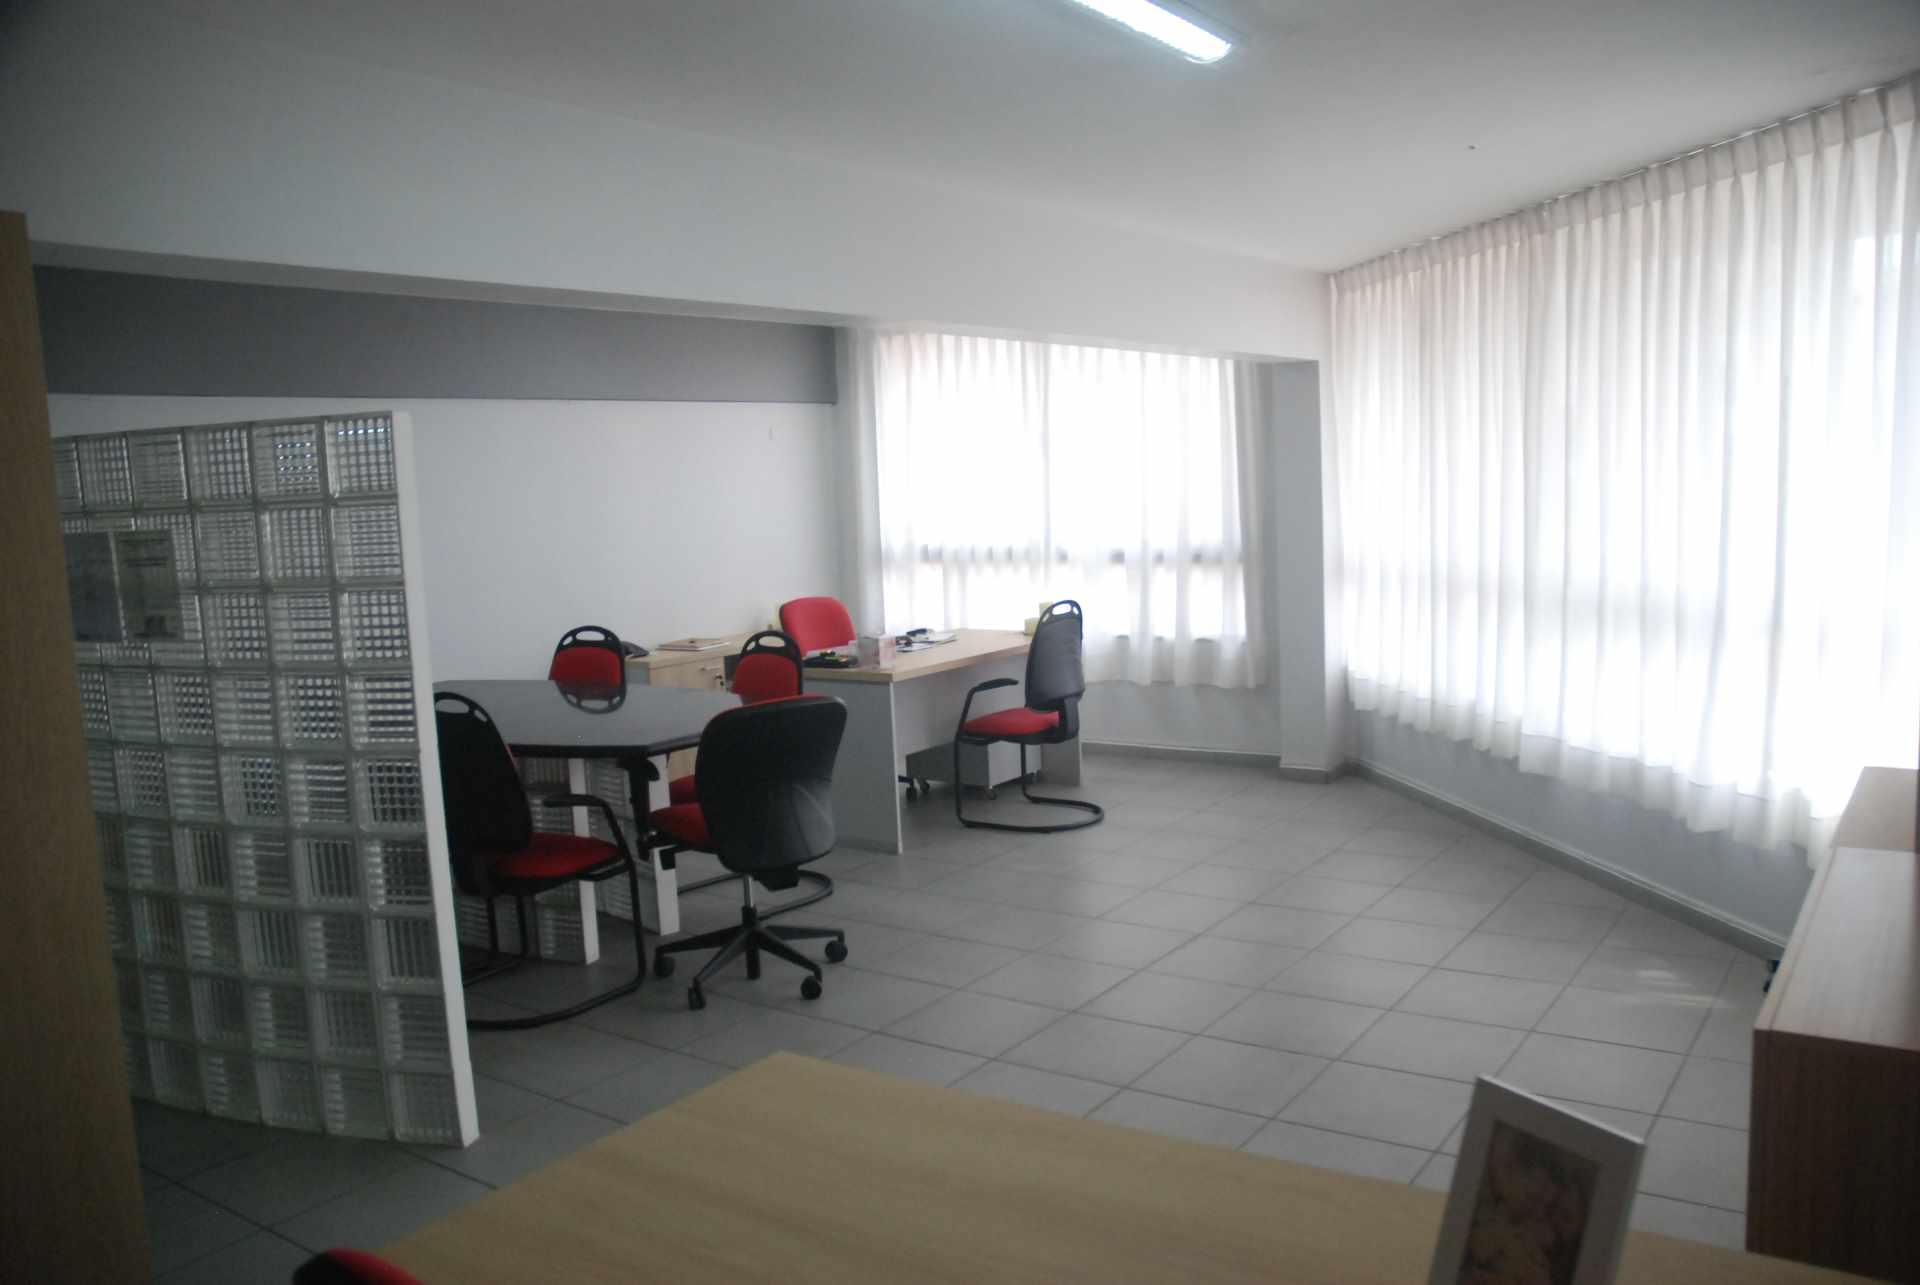 Oficina en Alquiler Cerca del colegio Cristo Rey y Avenida Irala, Calle La Riva Foto 1